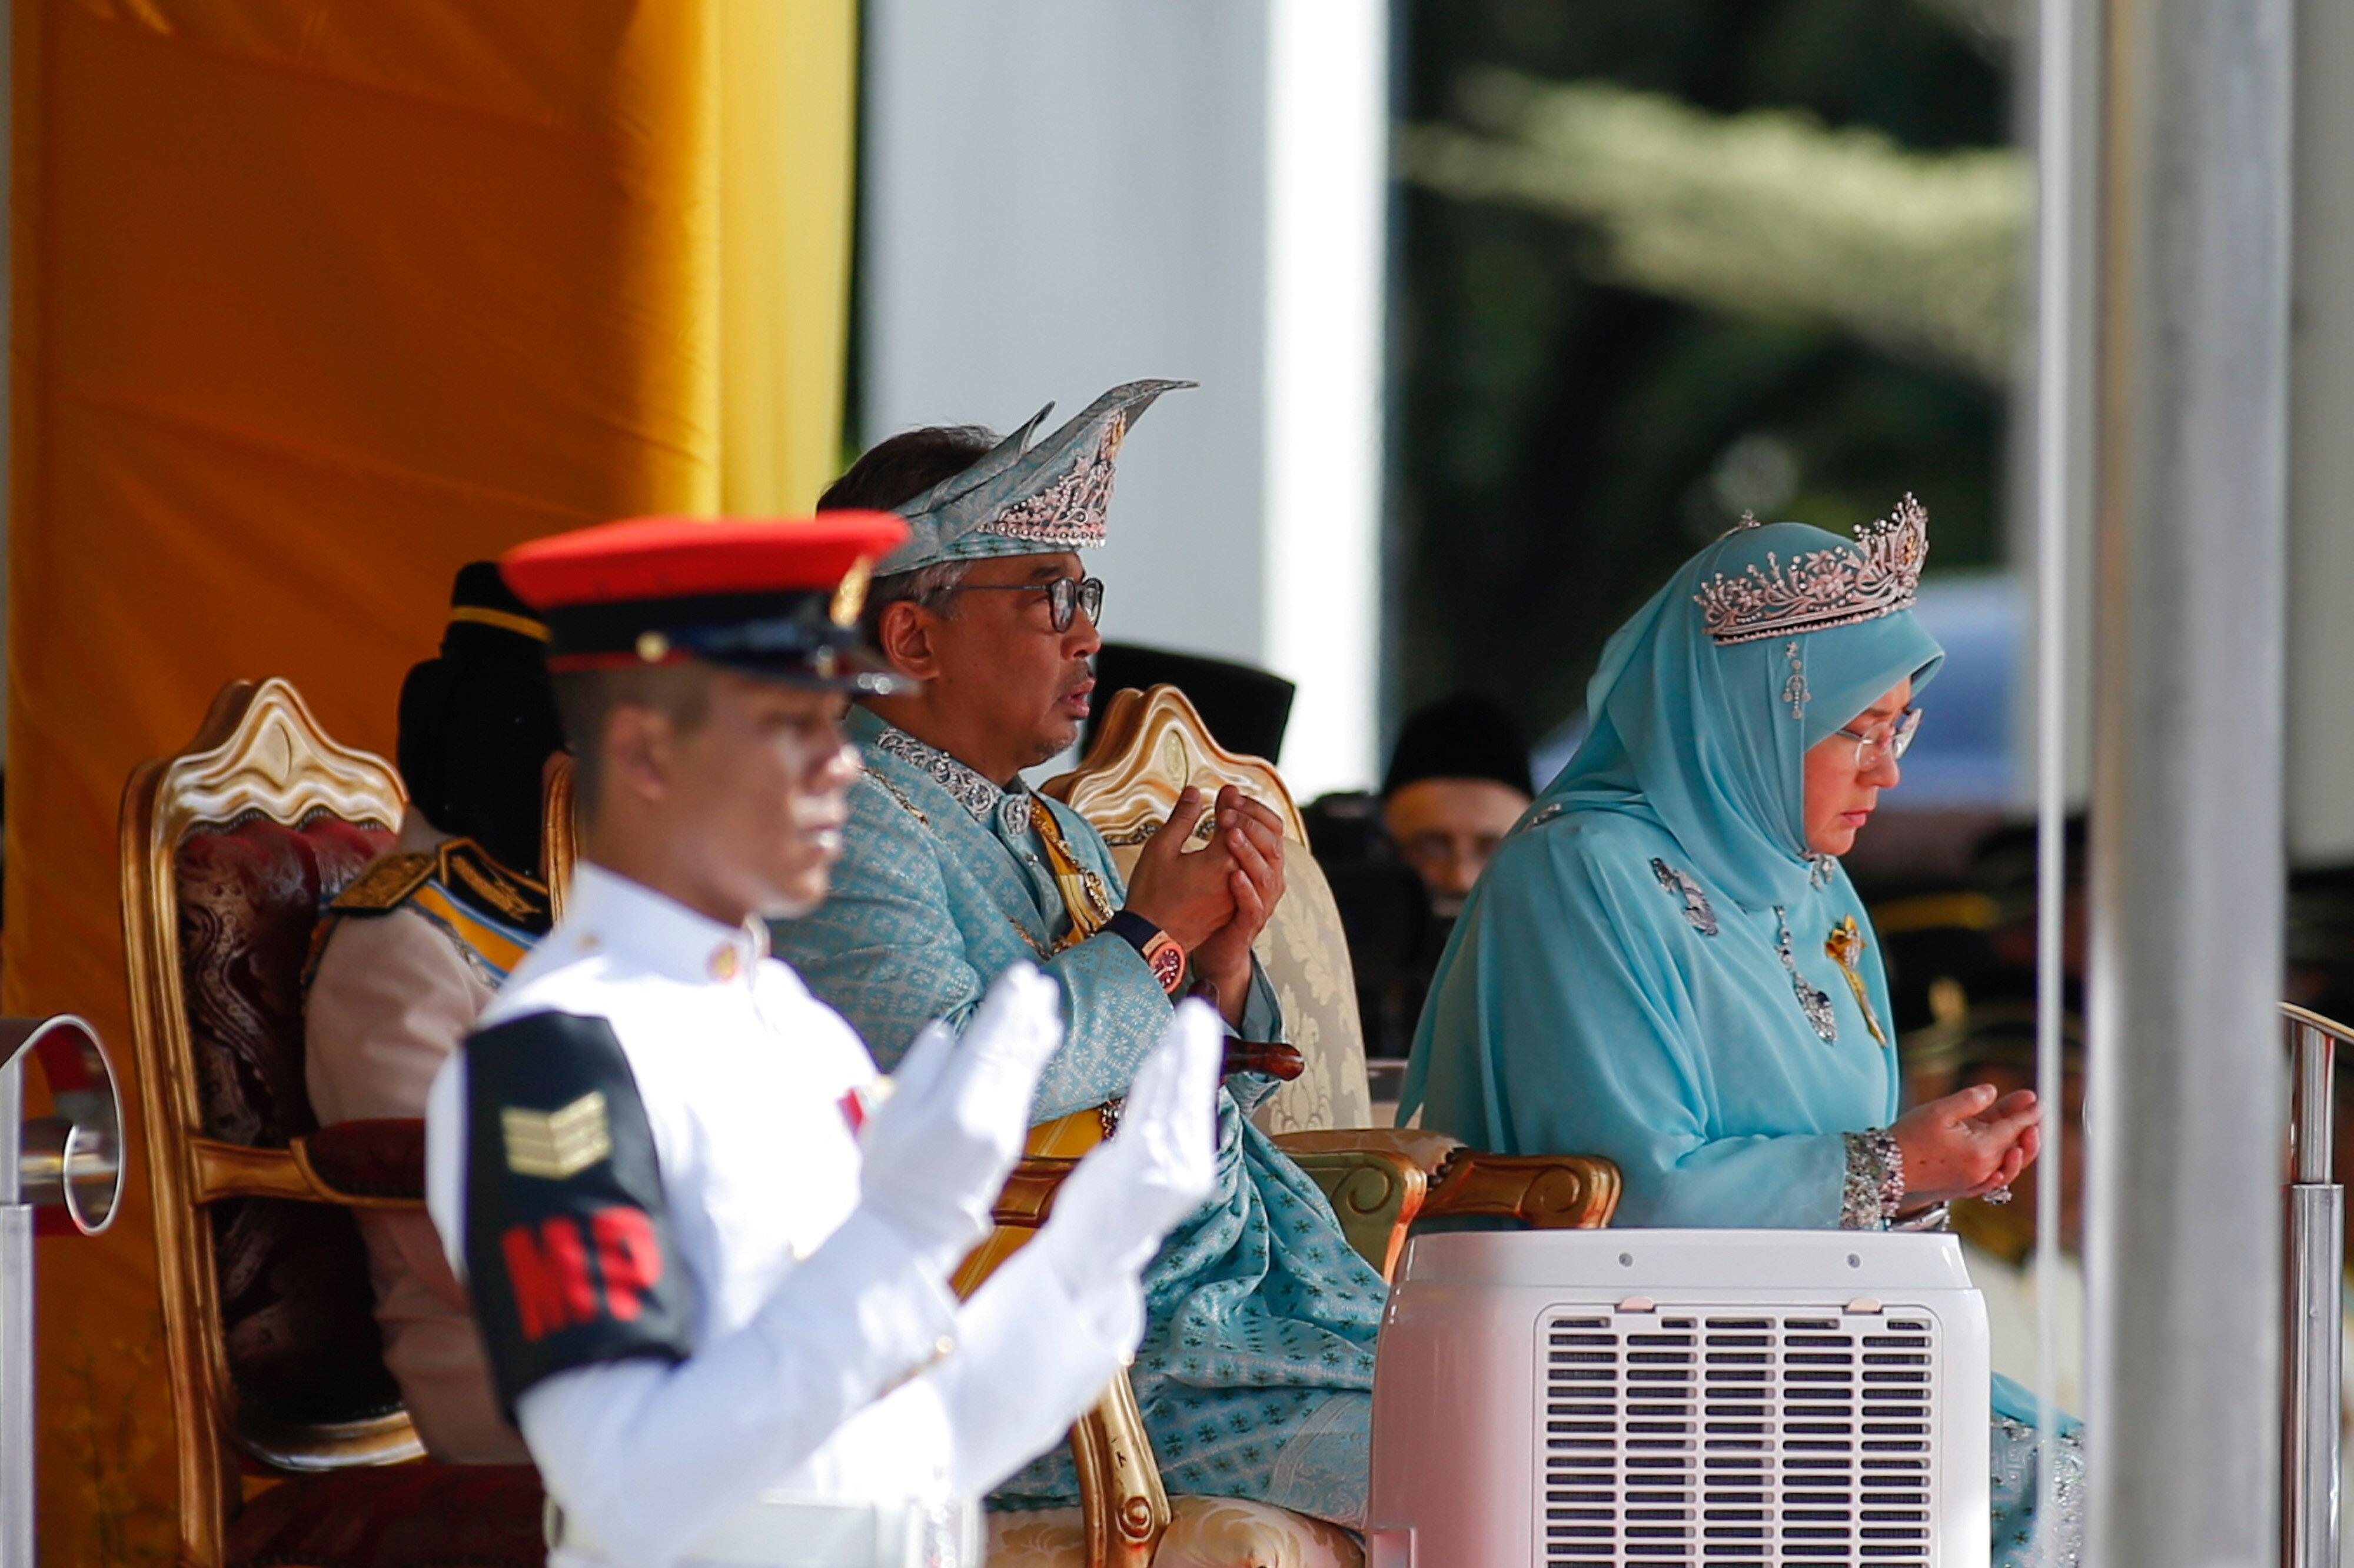 İmzalanan belgelerden sonra Sultan Abdullah, kendisi için düzenlenen törene katıldı.